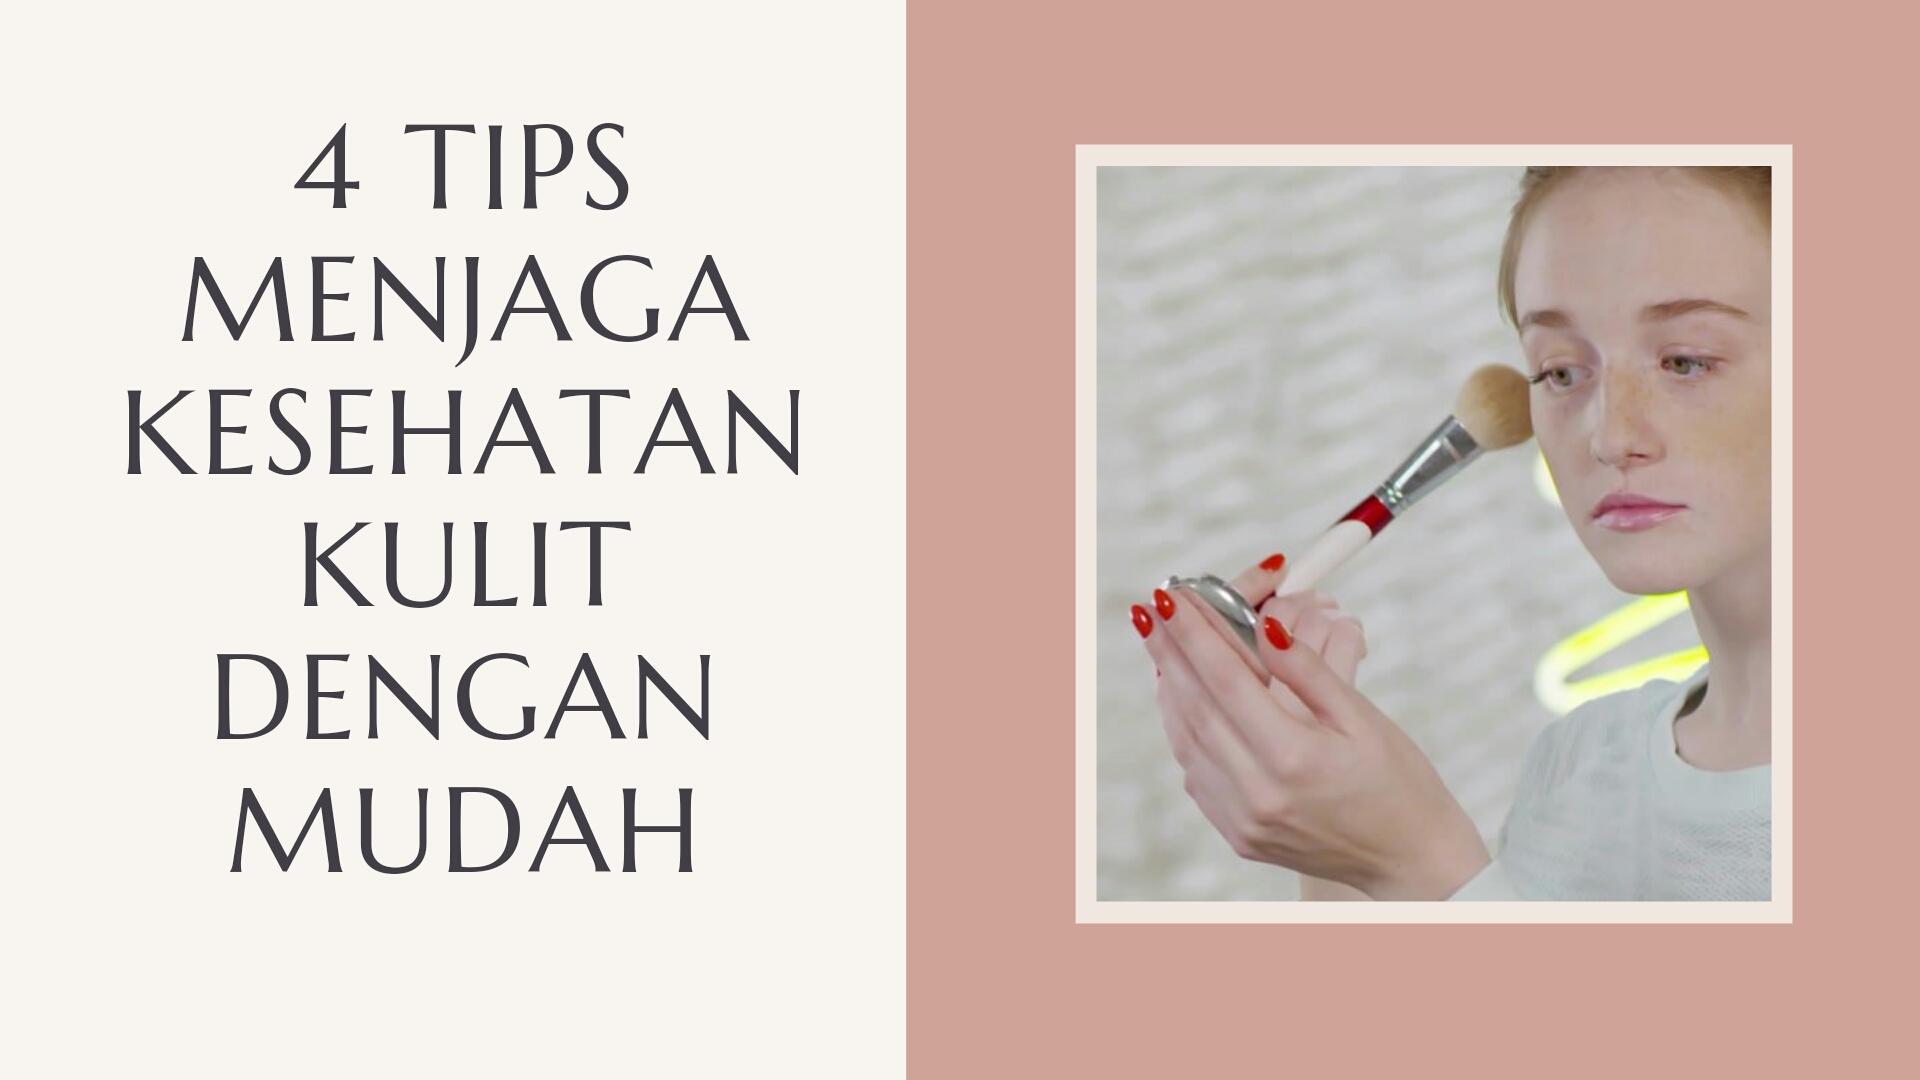 4 Tips Menjaga Kesehatan Kulit Dengan Mudah